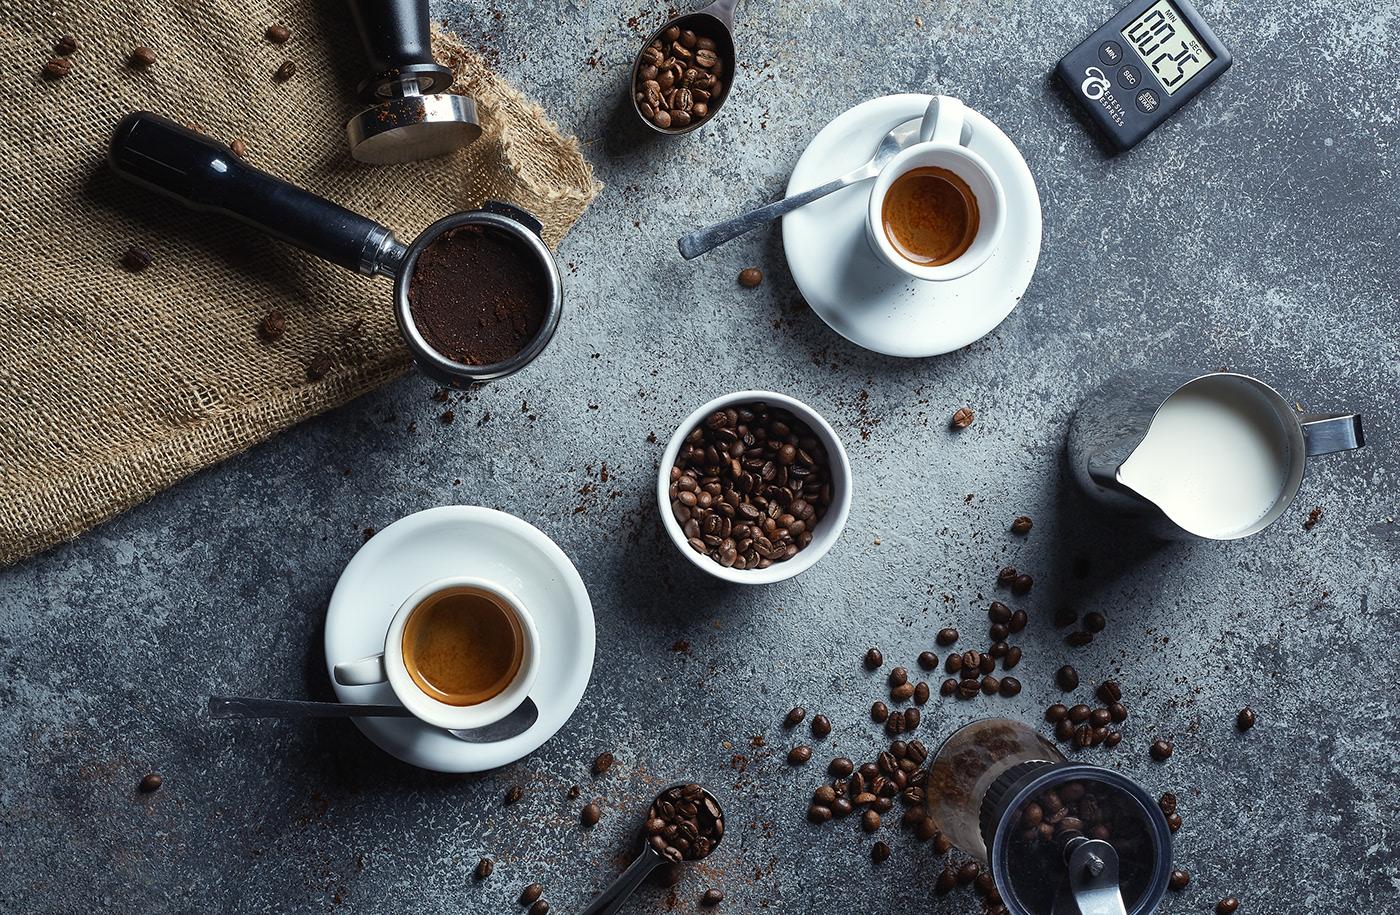 первый раз наилучшее фото о кофе моментом является то